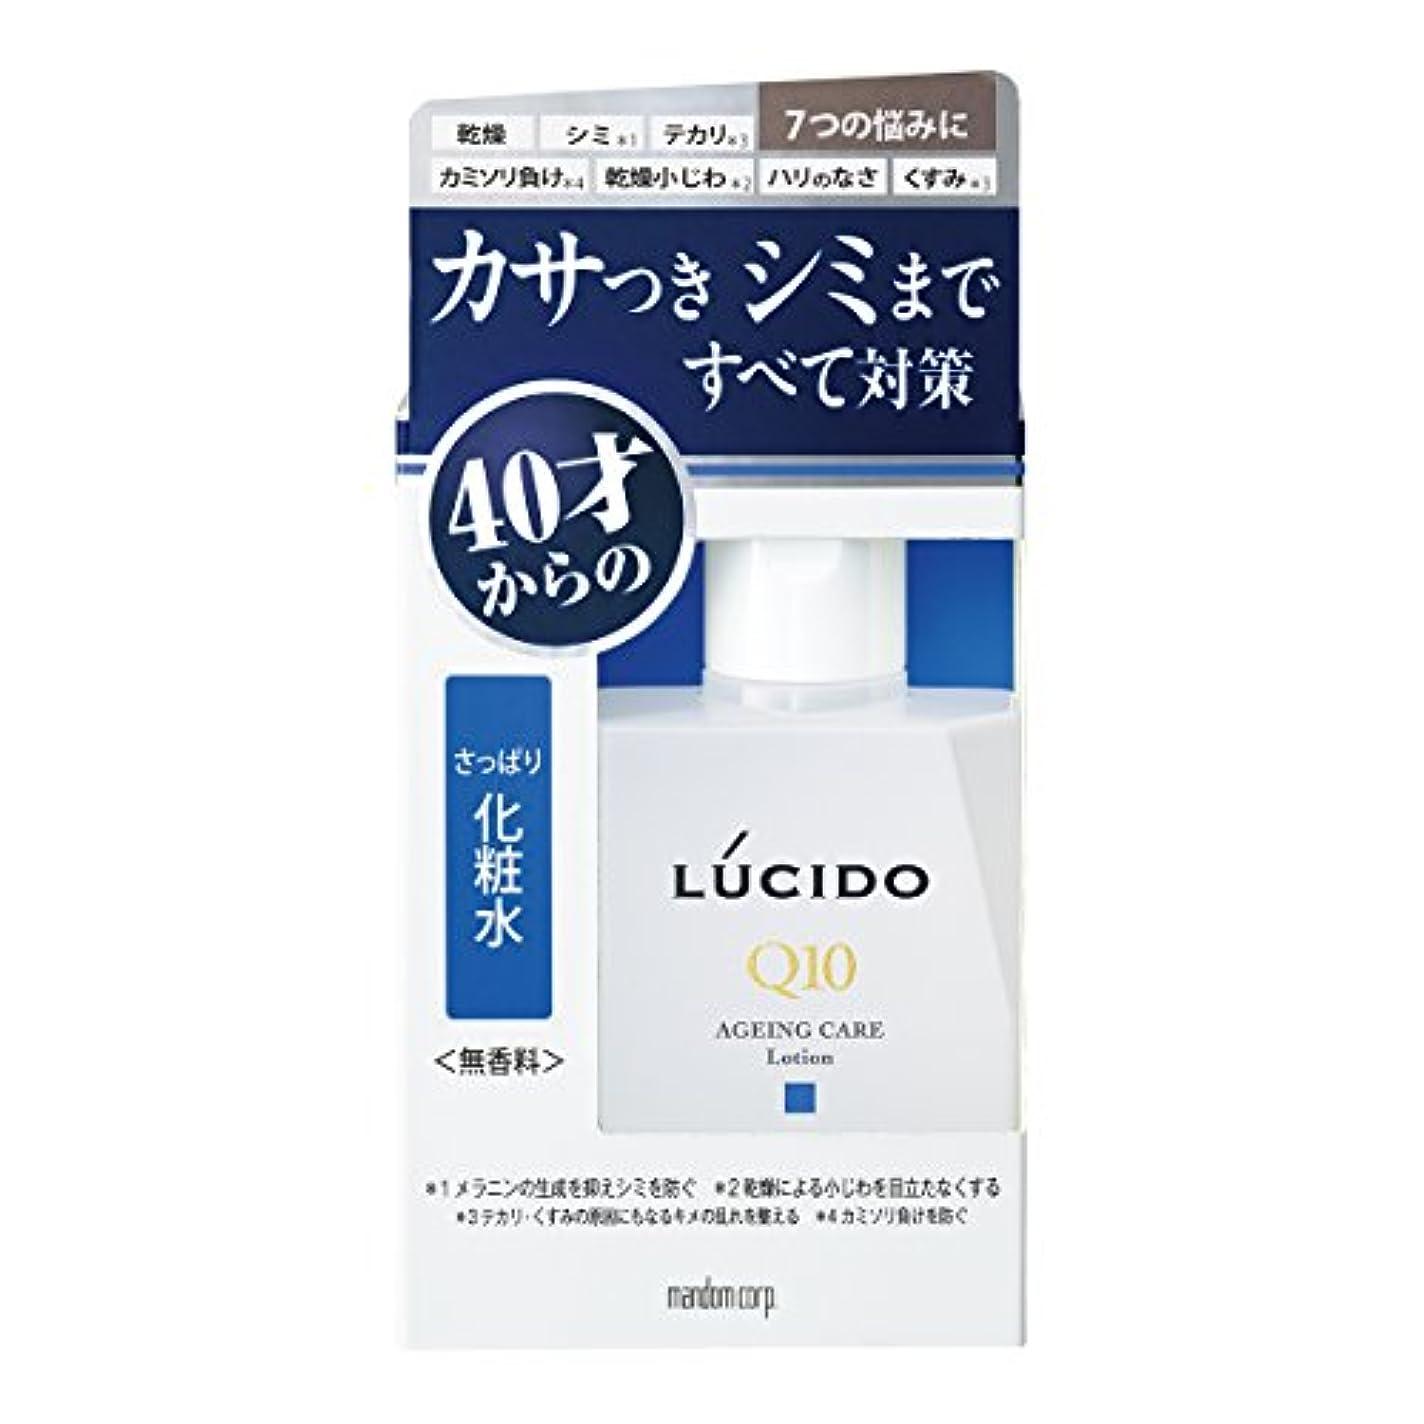 アメリカ取り替えるかわすルシード 薬用 トータルケア化粧水 (医薬部外品)110ml